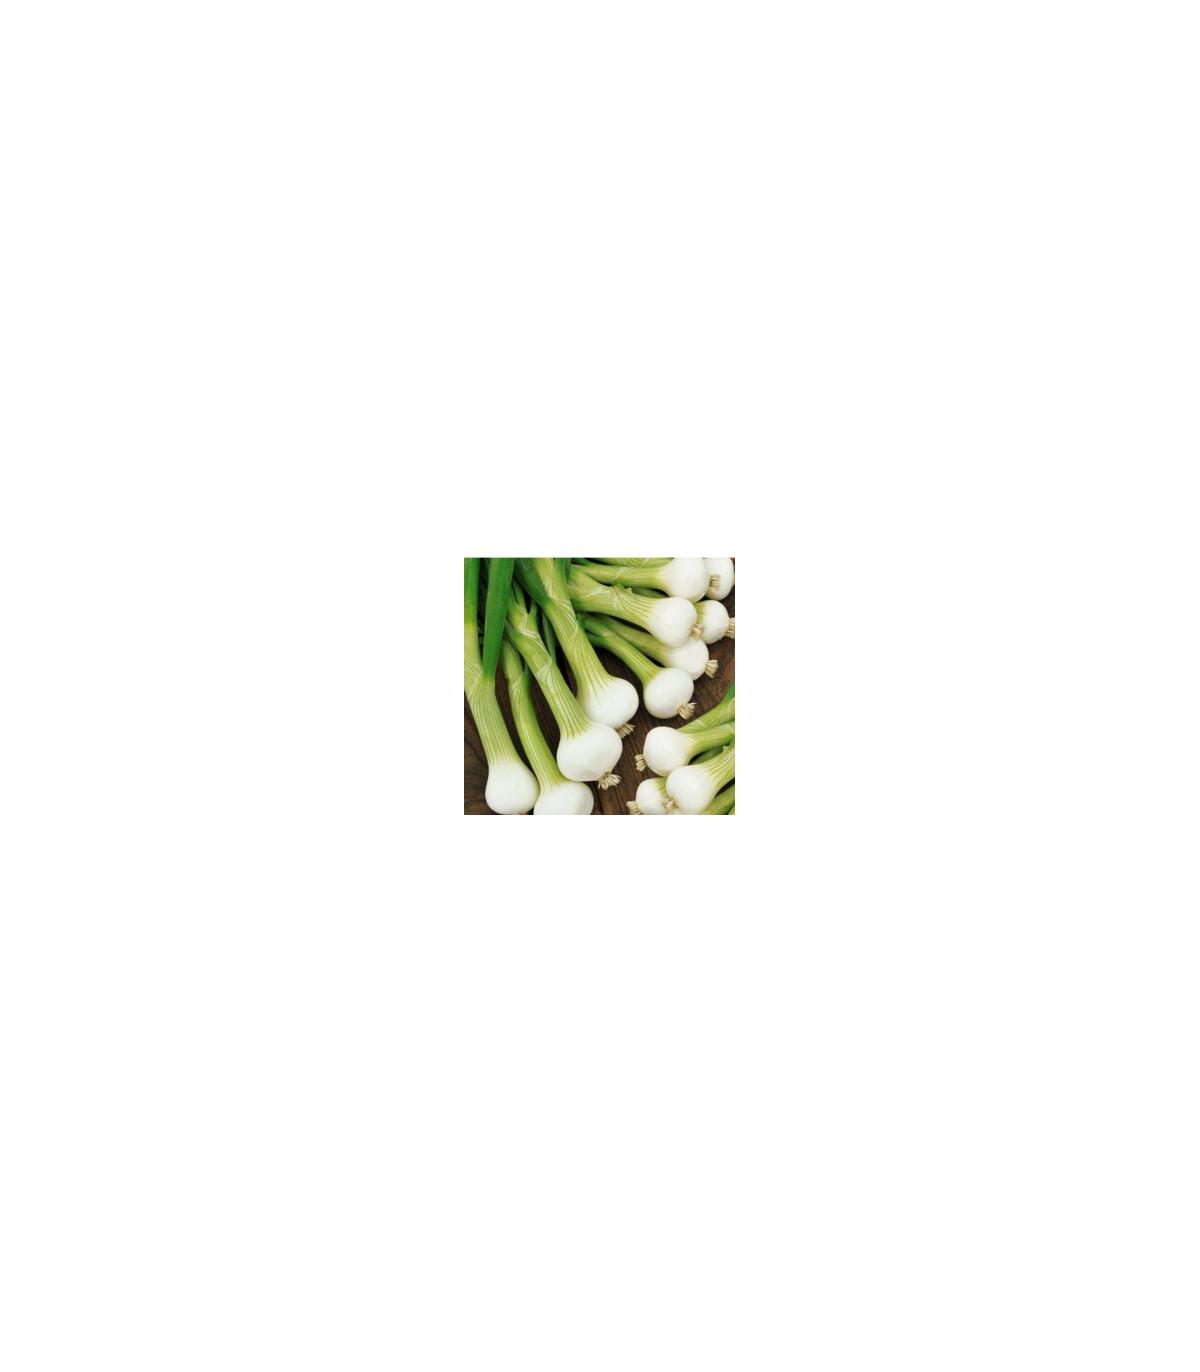 Cibule jarní bílá - lahůdková - semena cibule - 1 gr